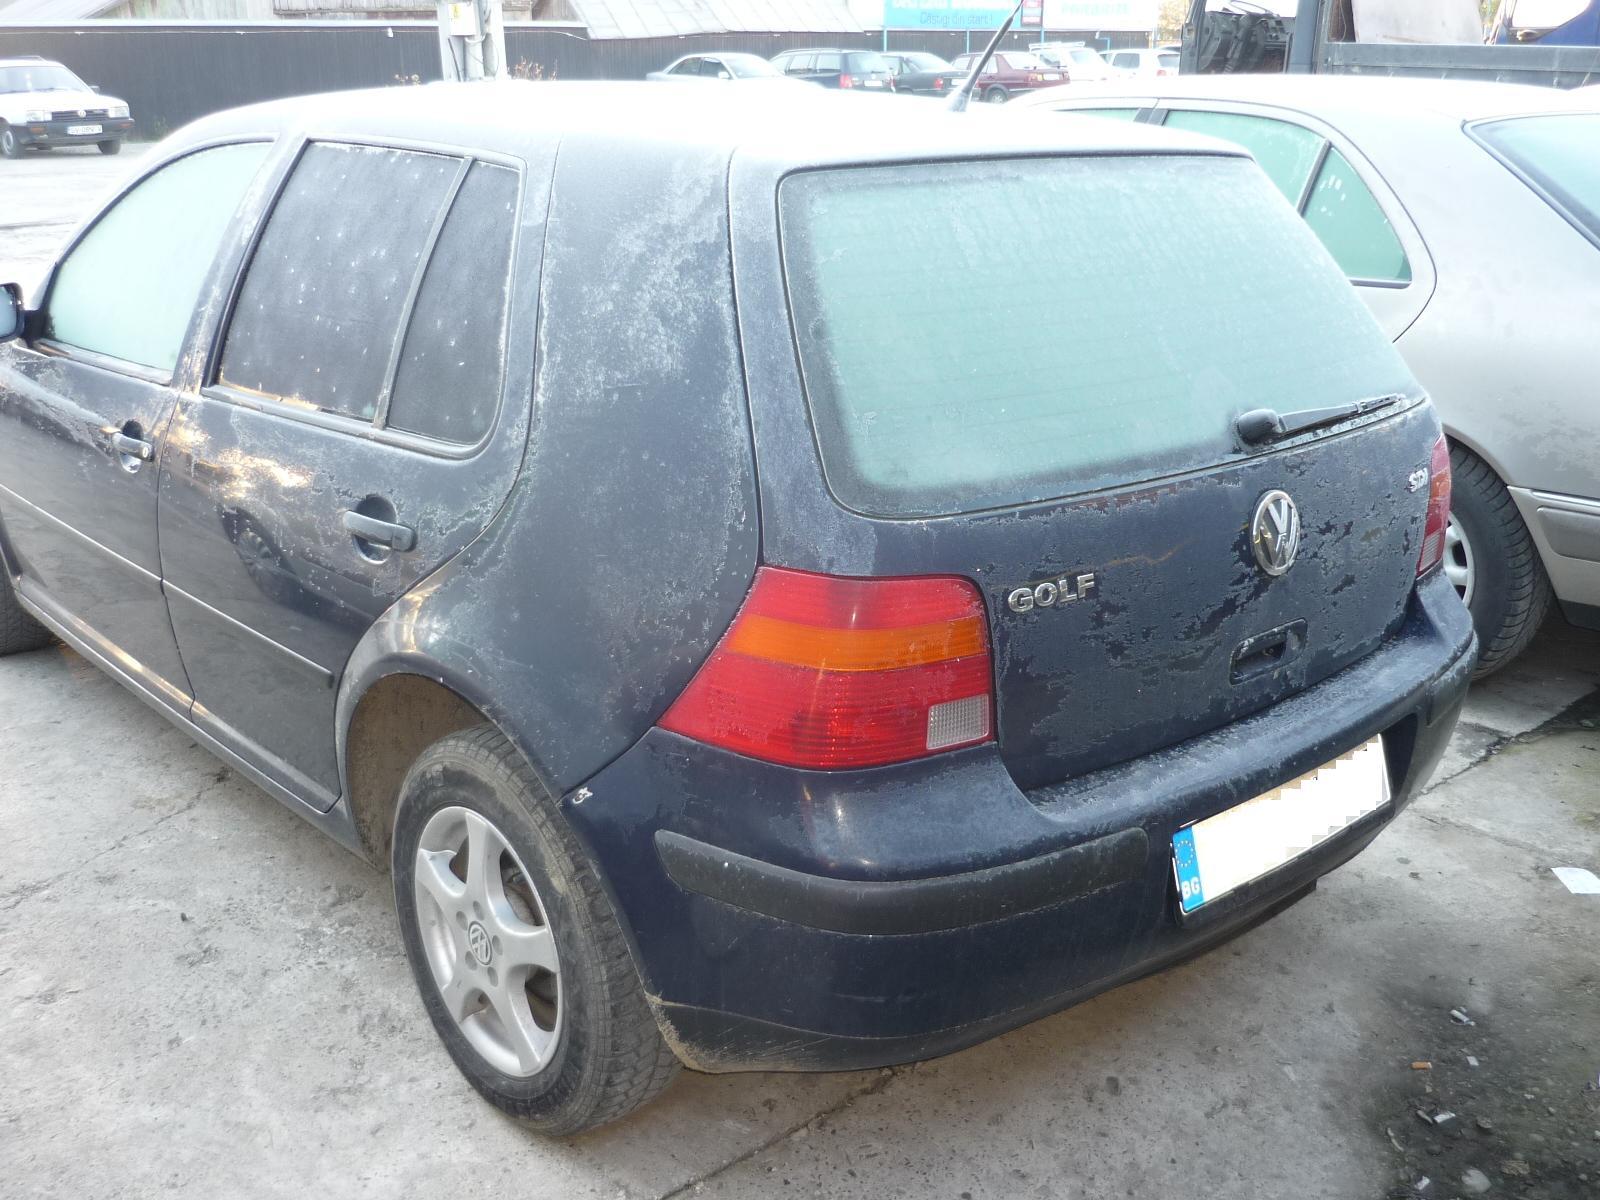 dezmembrez volkswagen golf iv 2000 diesel hatchback 19 octombrie 2011 10078. Black Bedroom Furniture Sets. Home Design Ideas